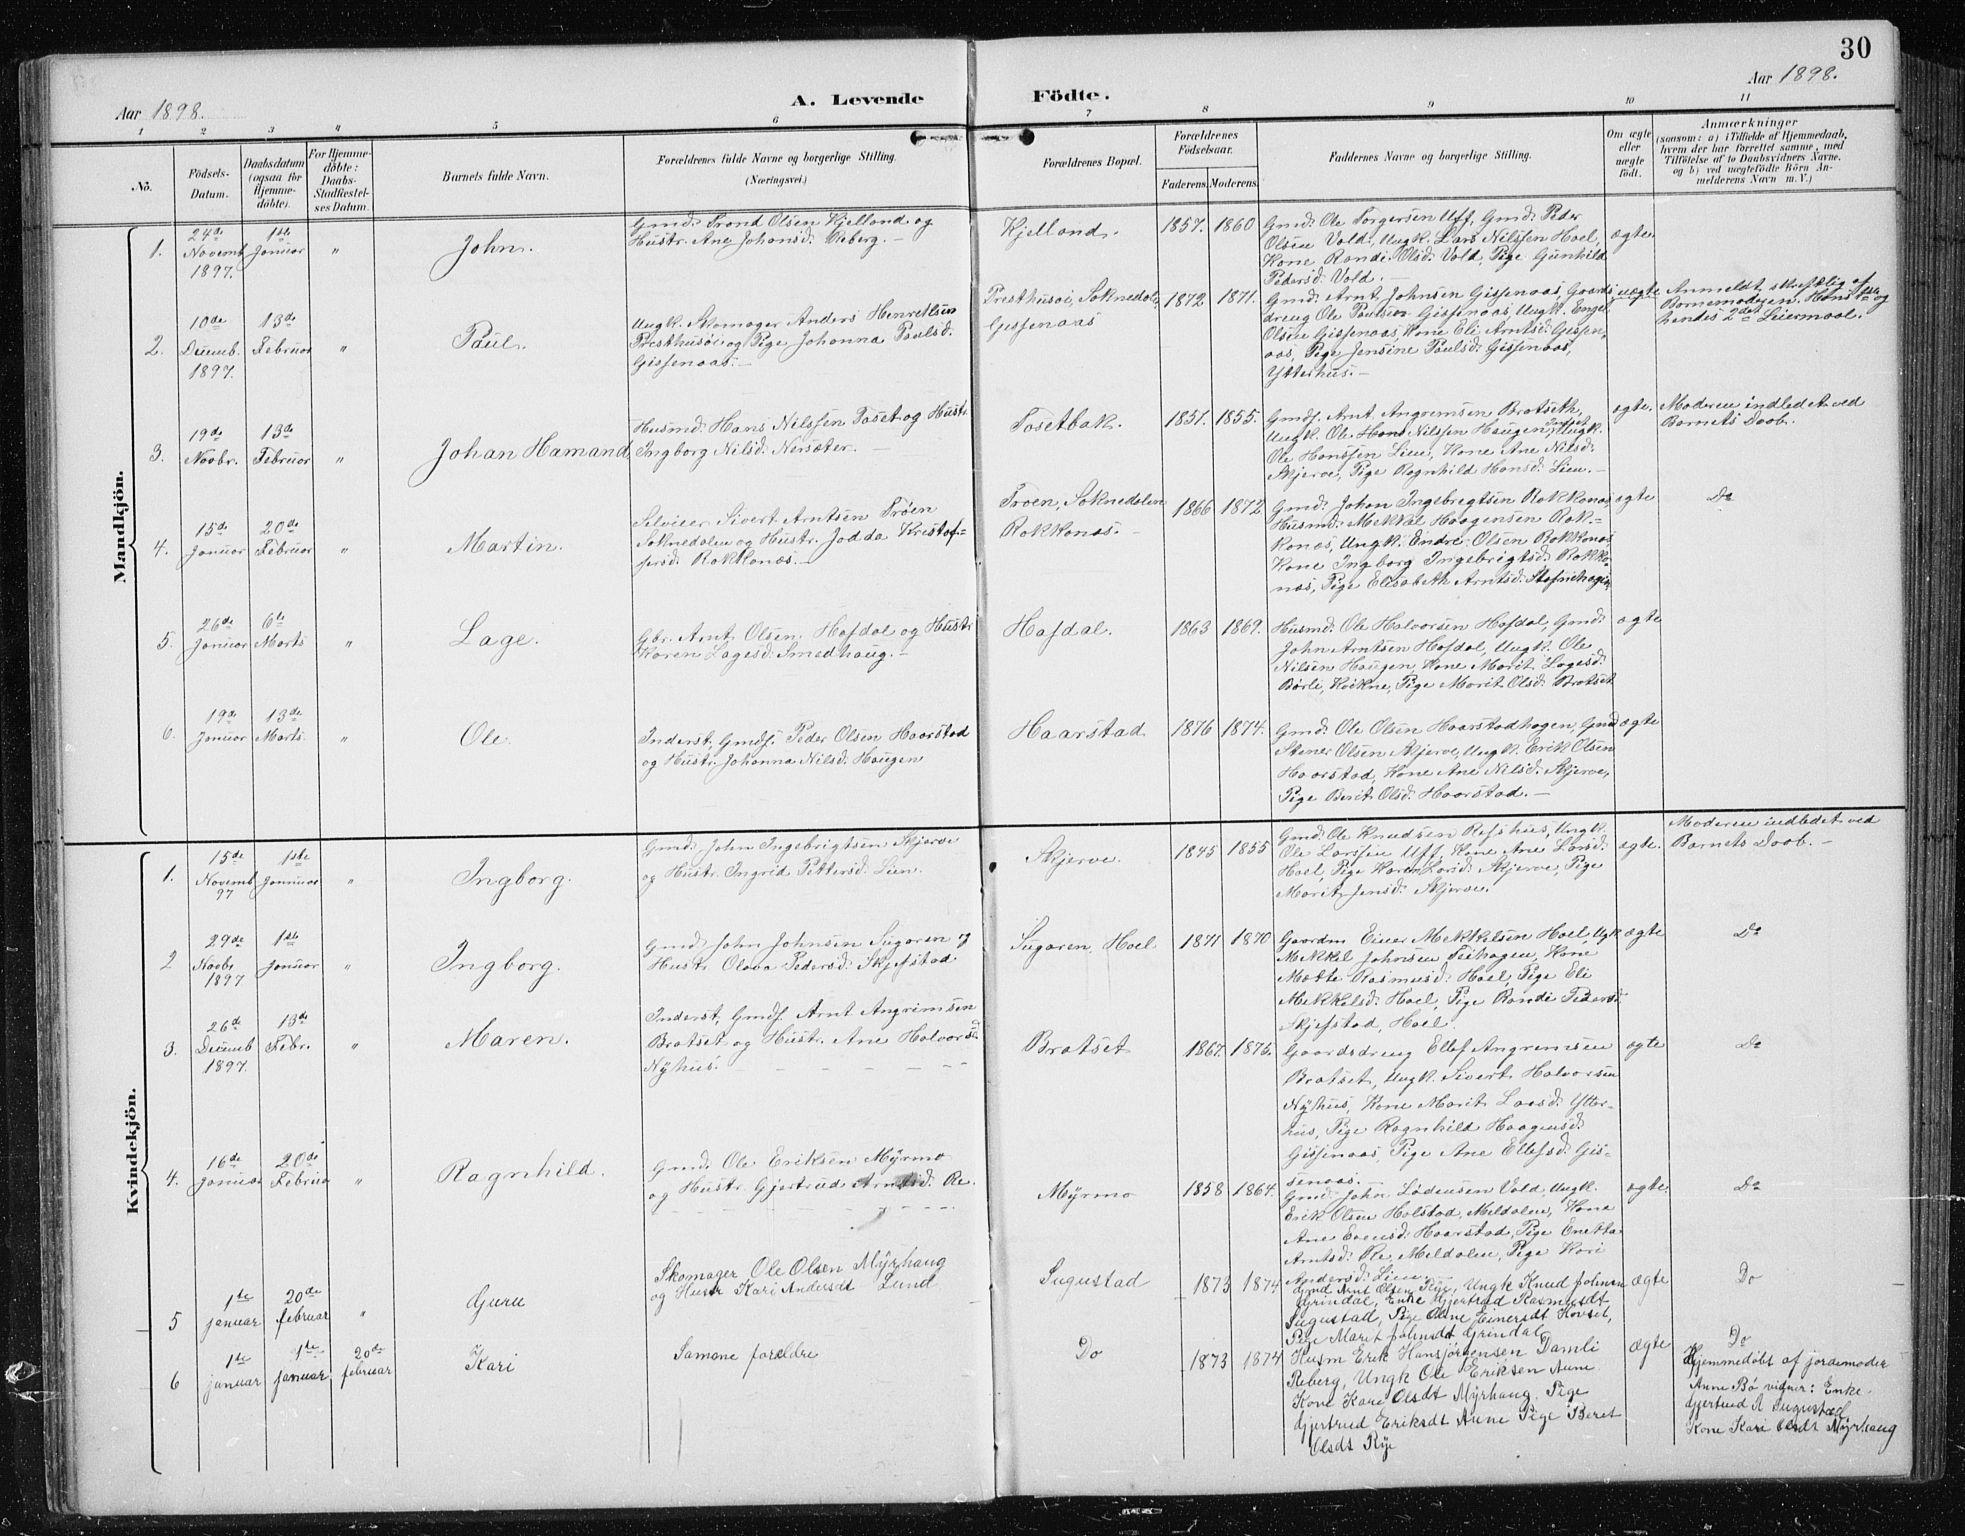 SAT, Ministerialprotokoller, klokkerbøker og fødselsregistre - Sør-Trøndelag, 674/L0876: Klokkerbok nr. 674C03, 1892-1912, s. 30